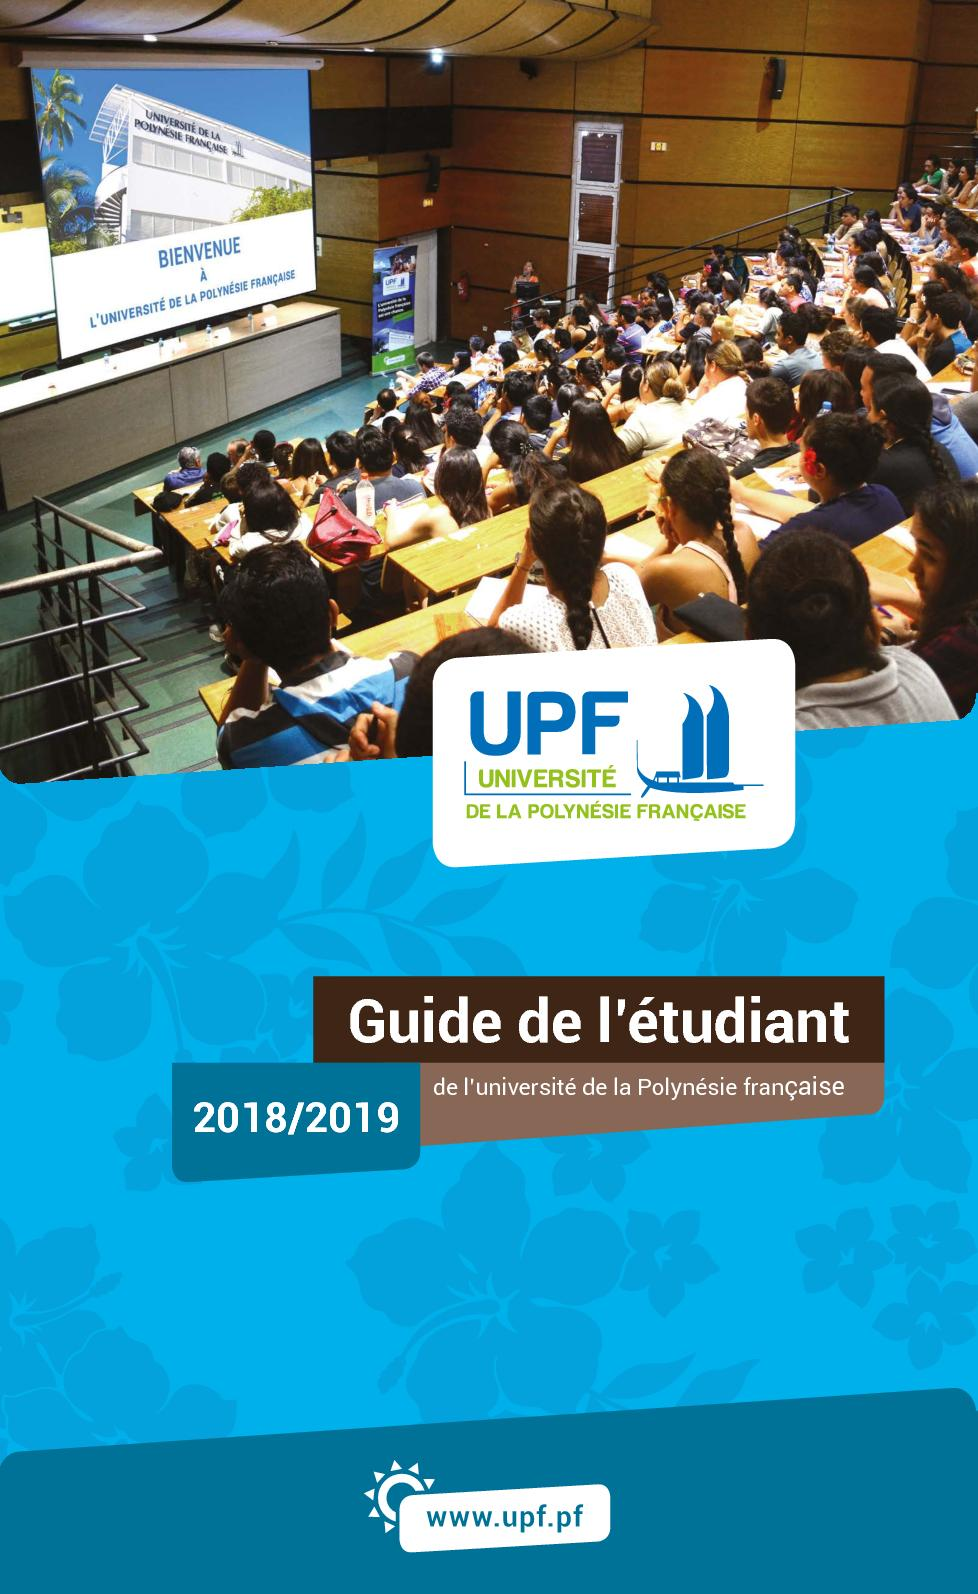 Calameo Guide De L Etudiant De L Upf 2018 2019